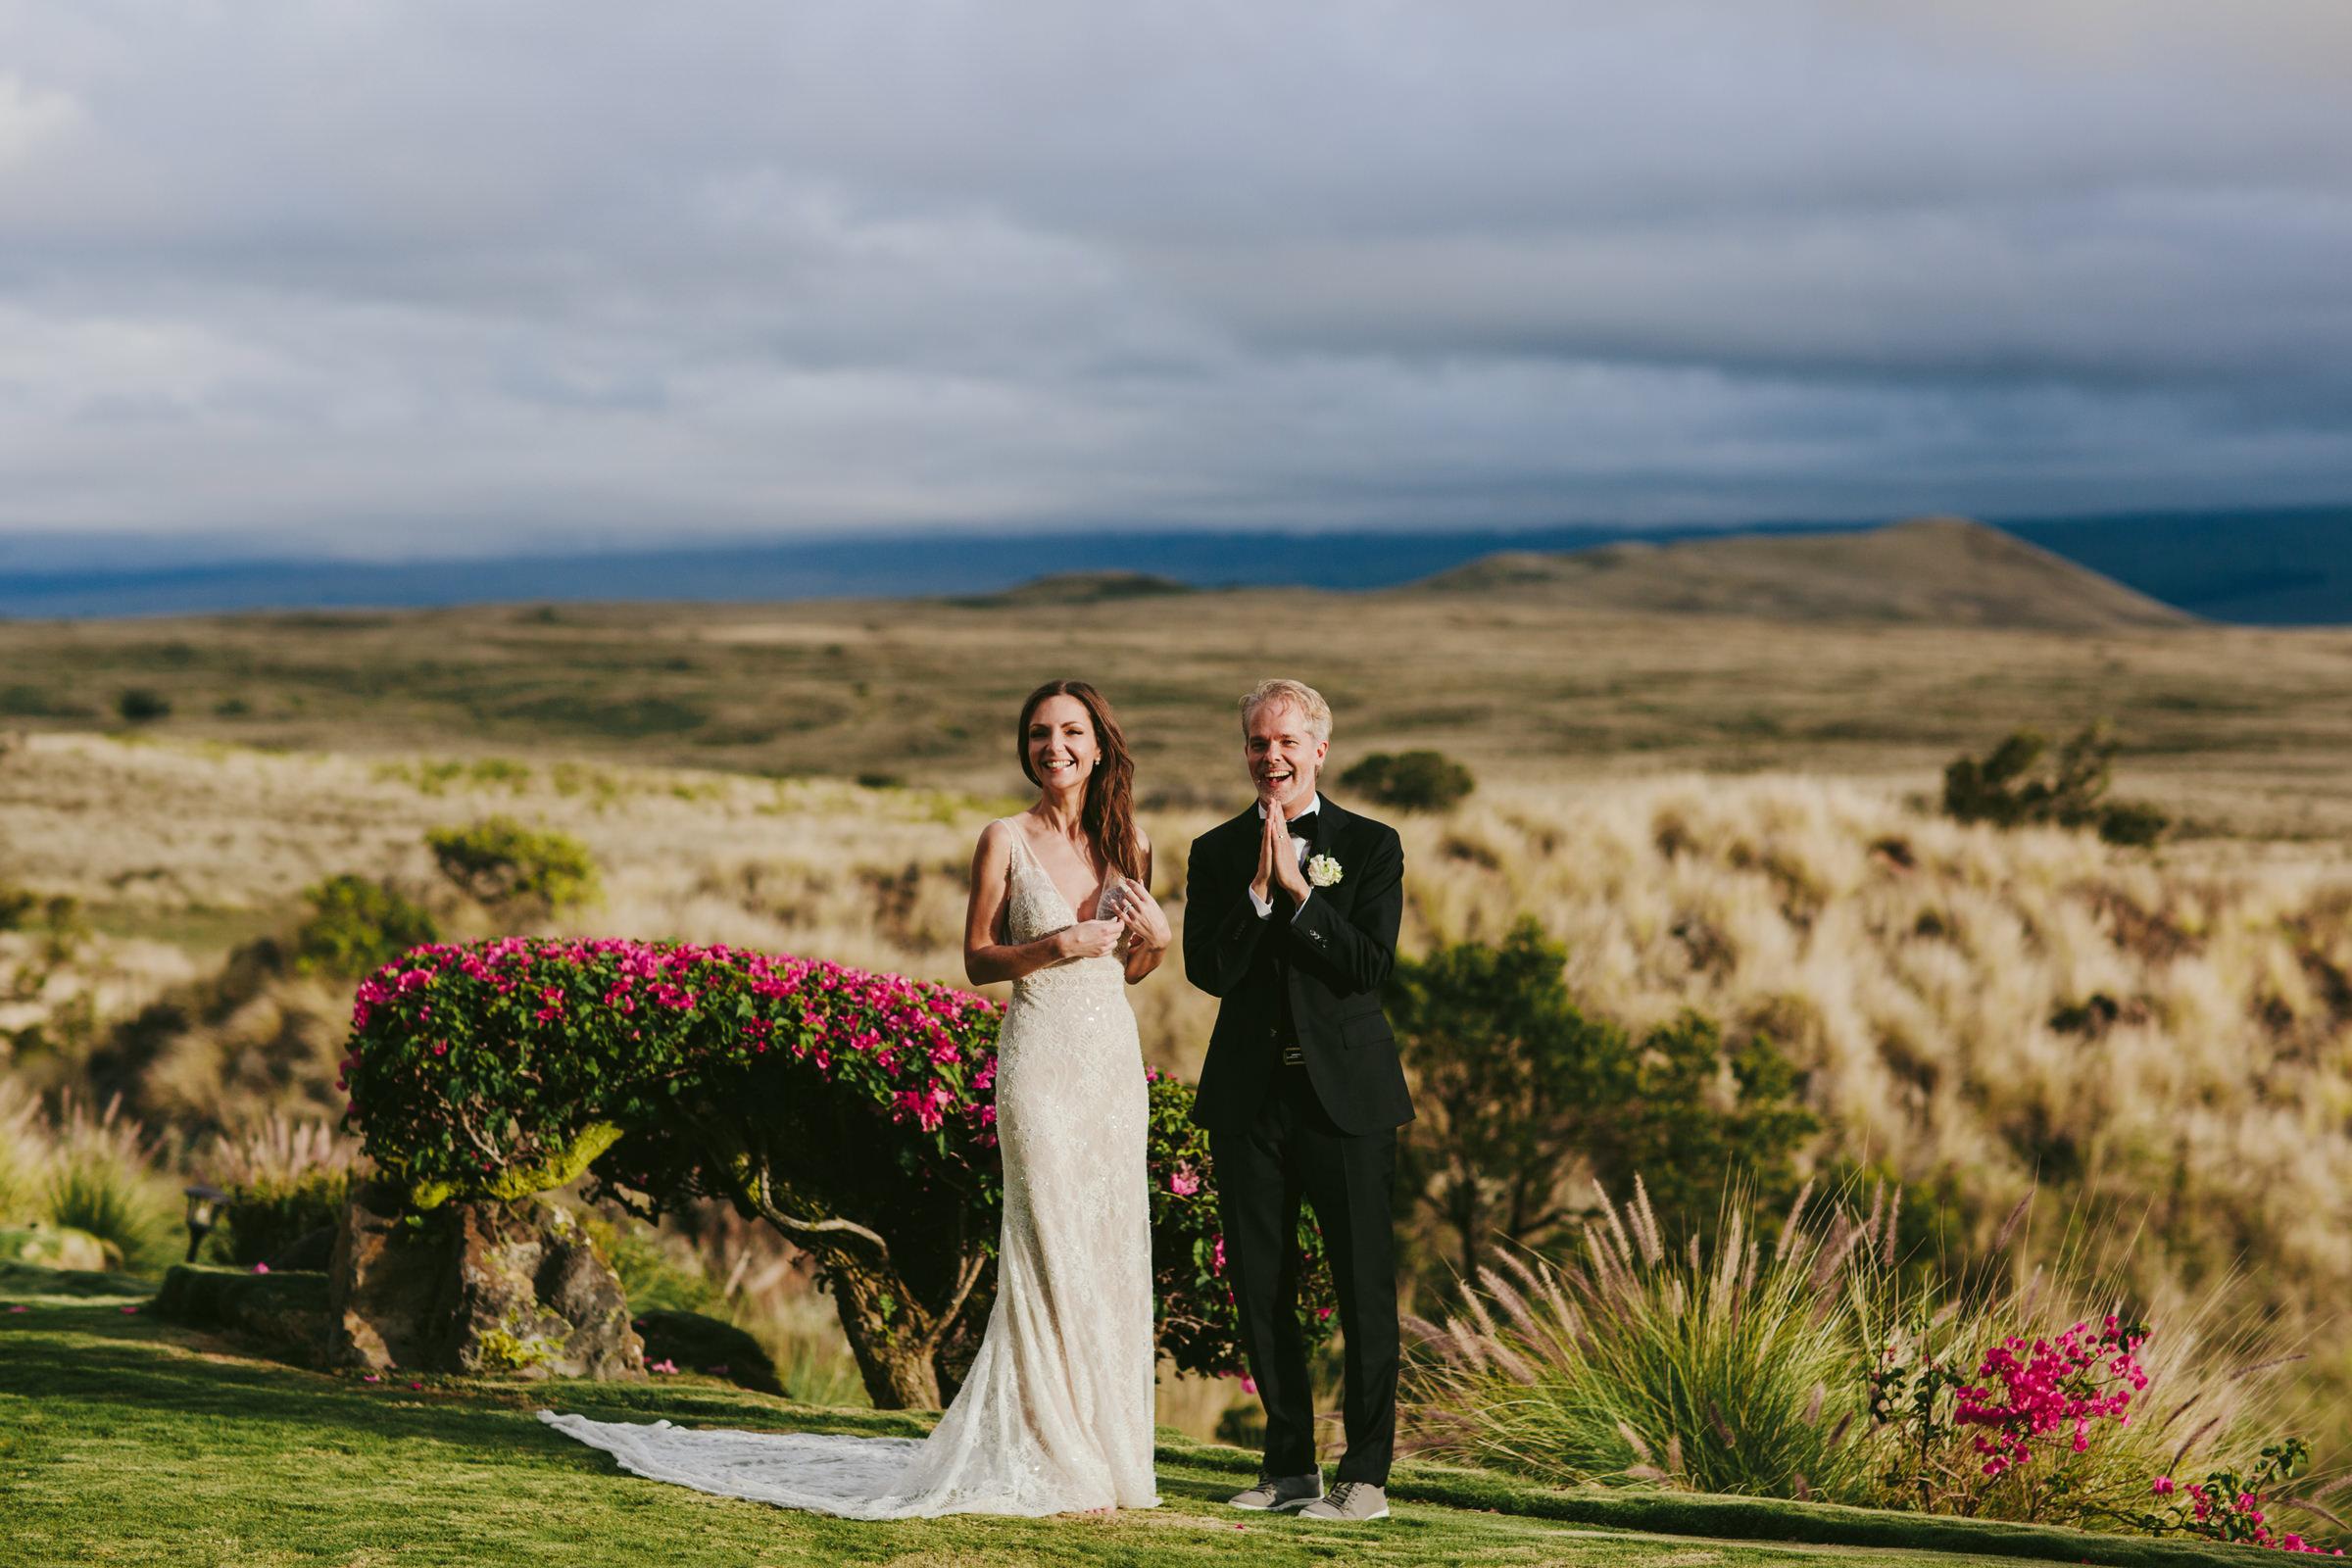 Waipio valley maui couple near beach - photo by Melia Lucida